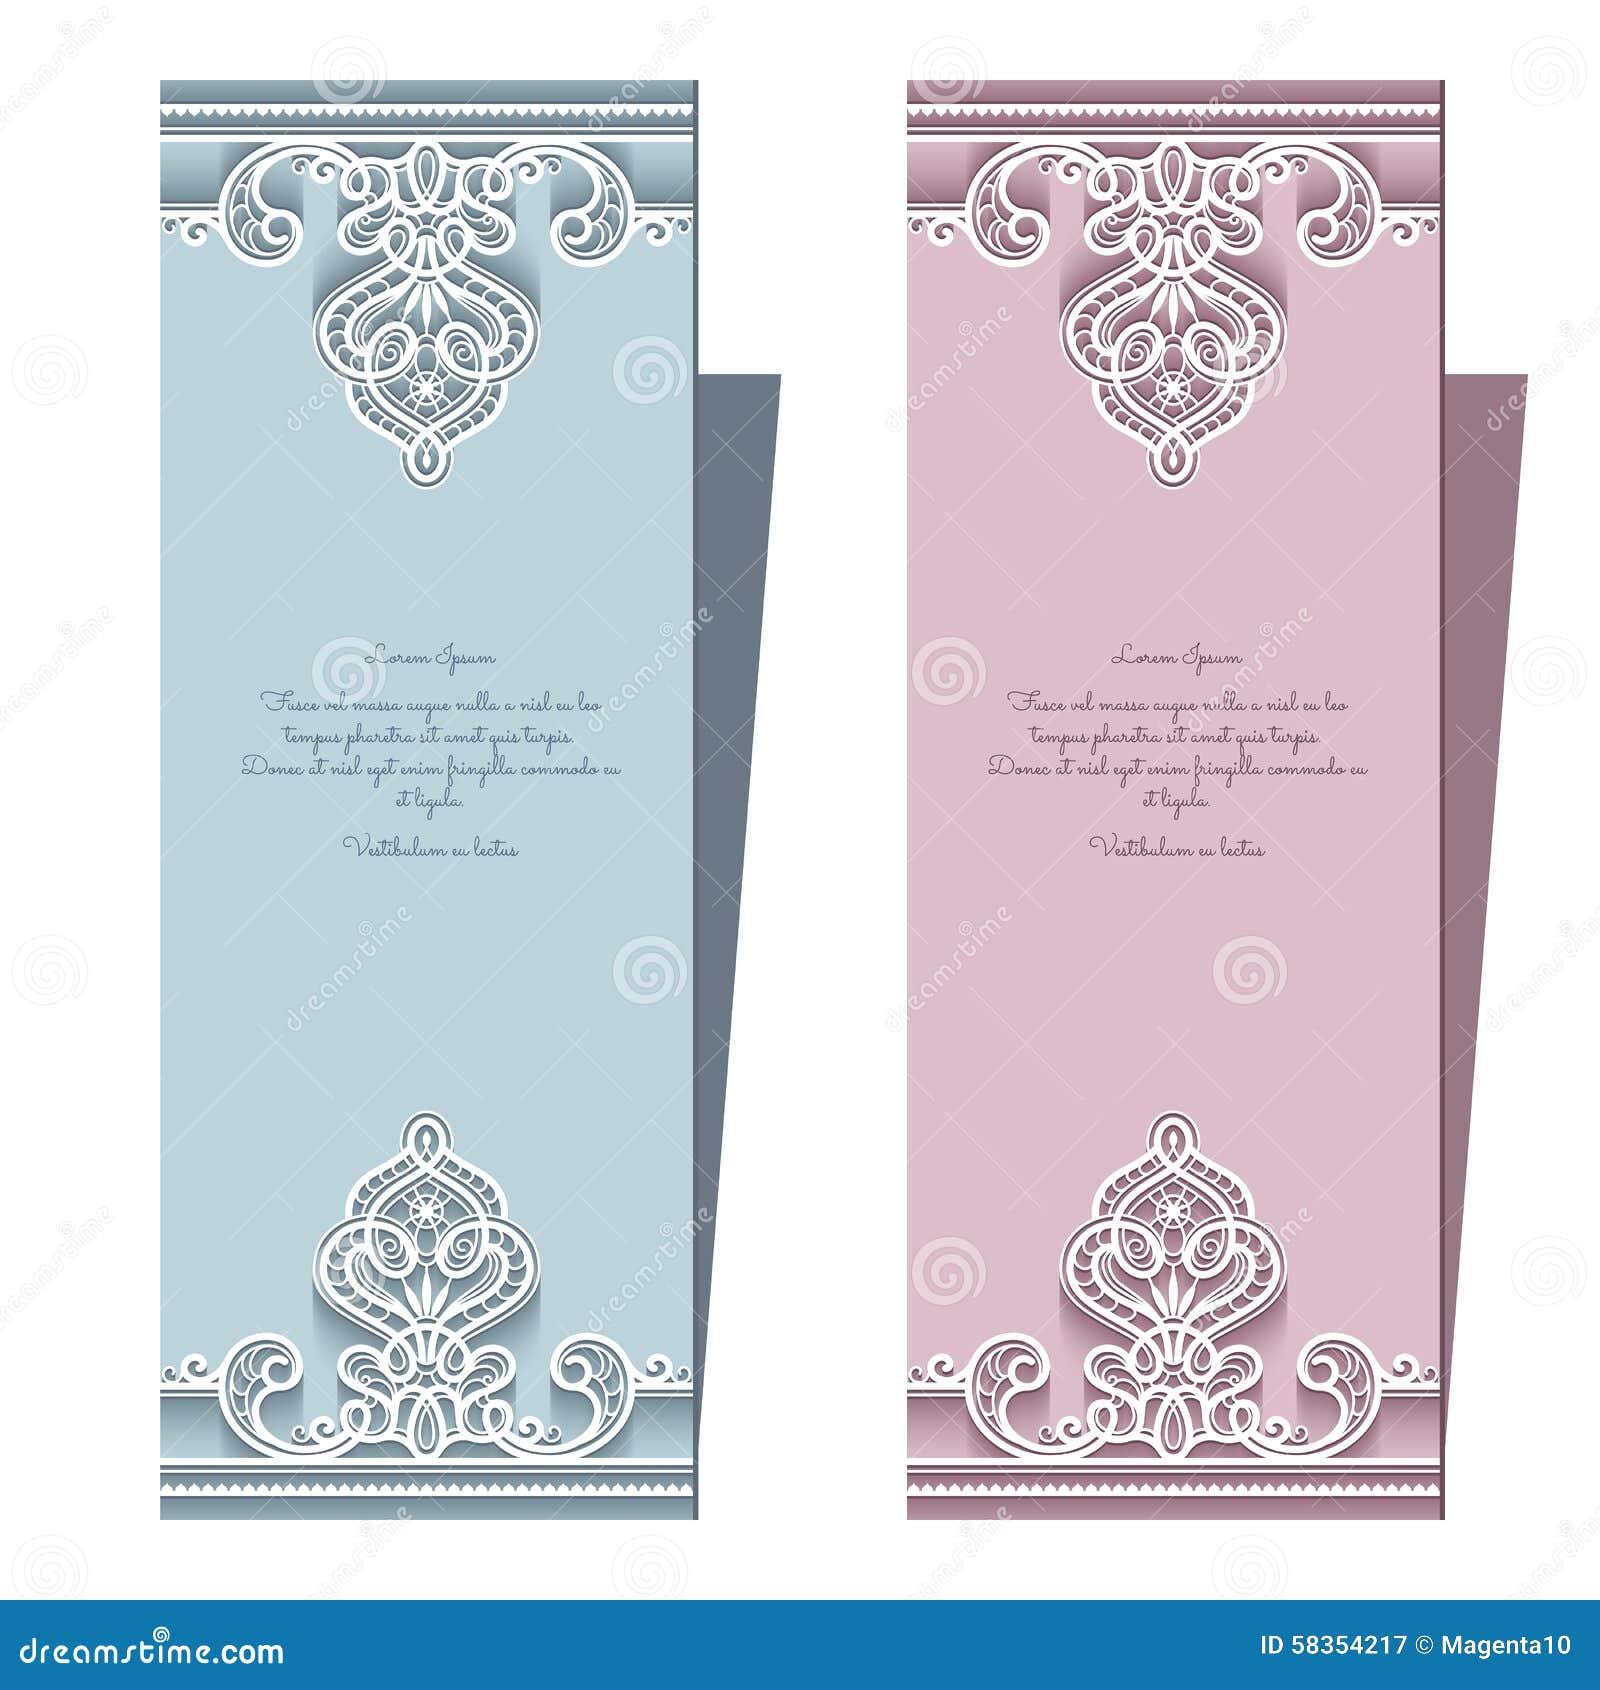 elegant wedding card template matik for. Black Bedroom Furniture Sets. Home Design Ideas